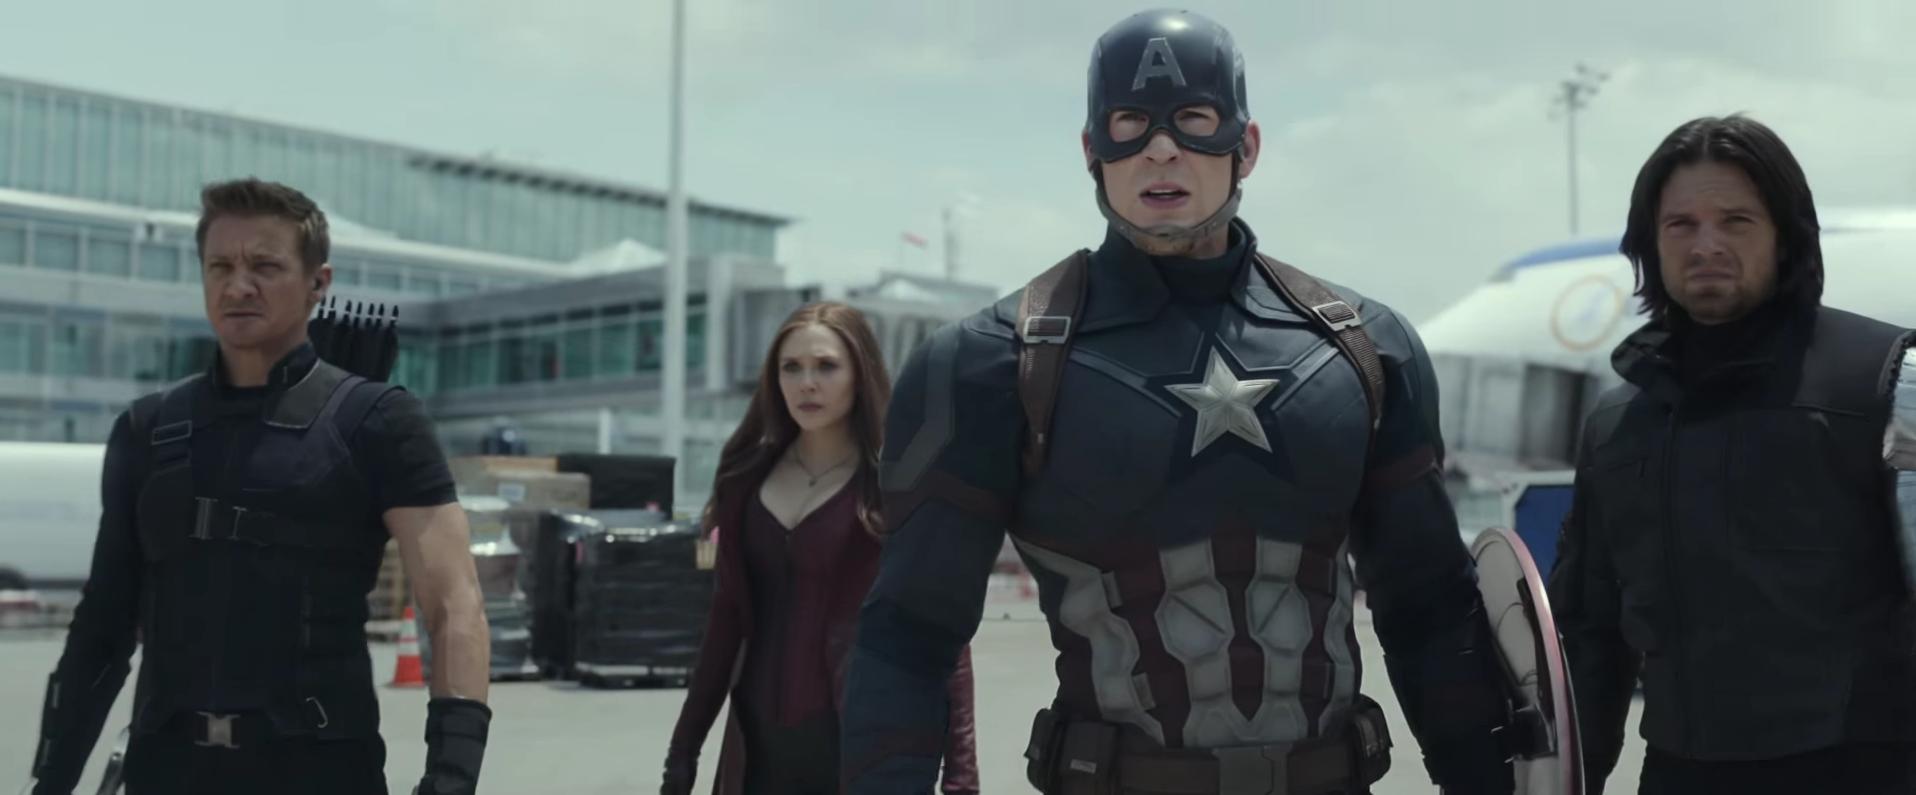 Captain America Civil War.png